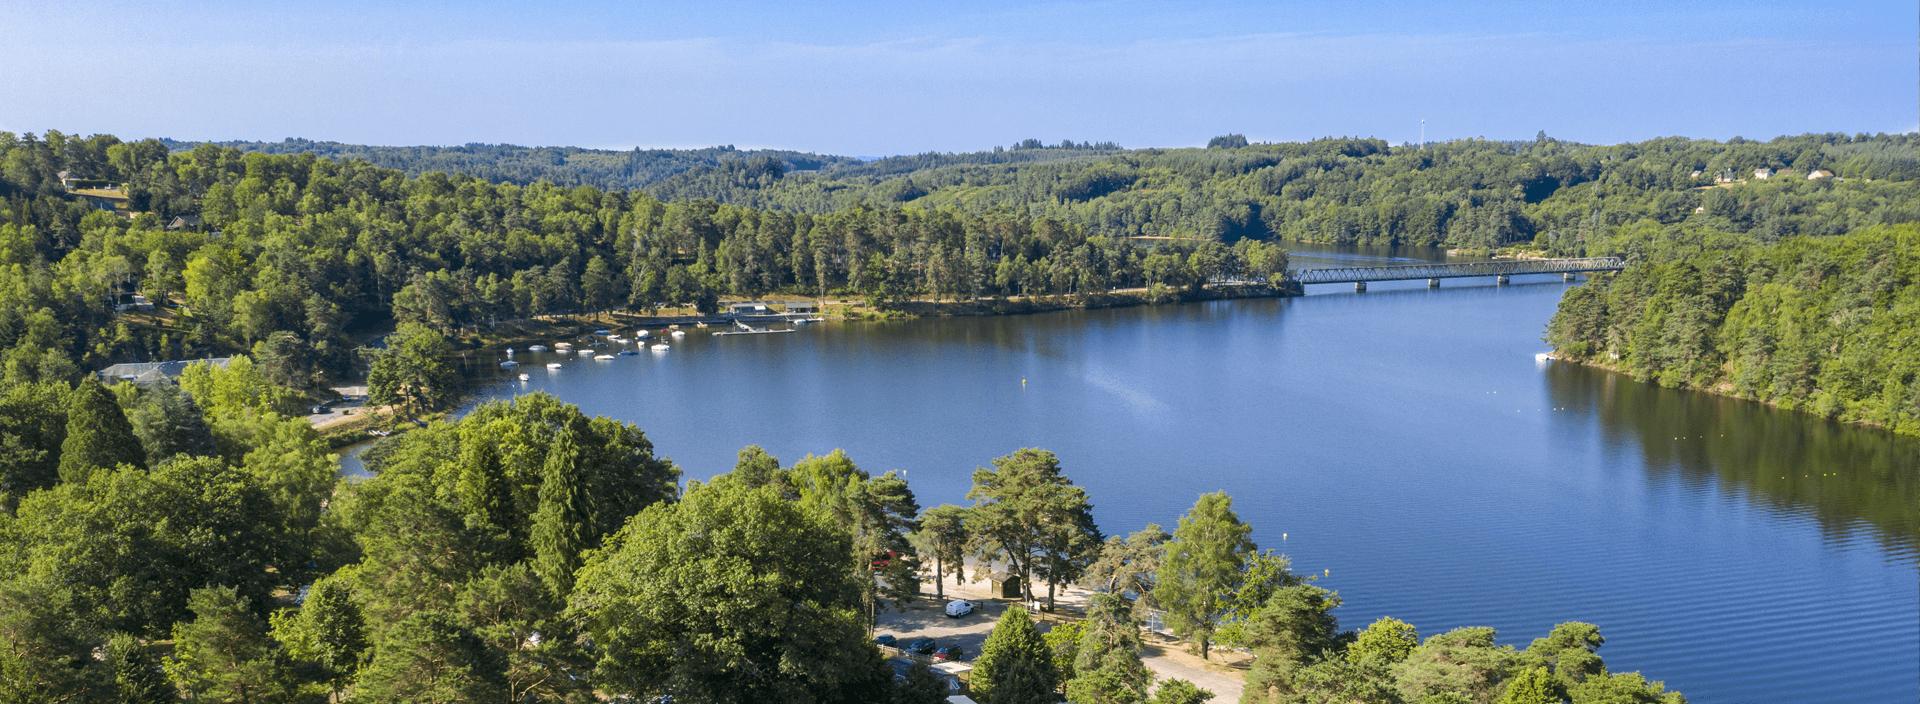 Le Camping Curiste De La Bourboule Dans Le Puy De Dome intérieur Camping A La Ferme Avec Piscine